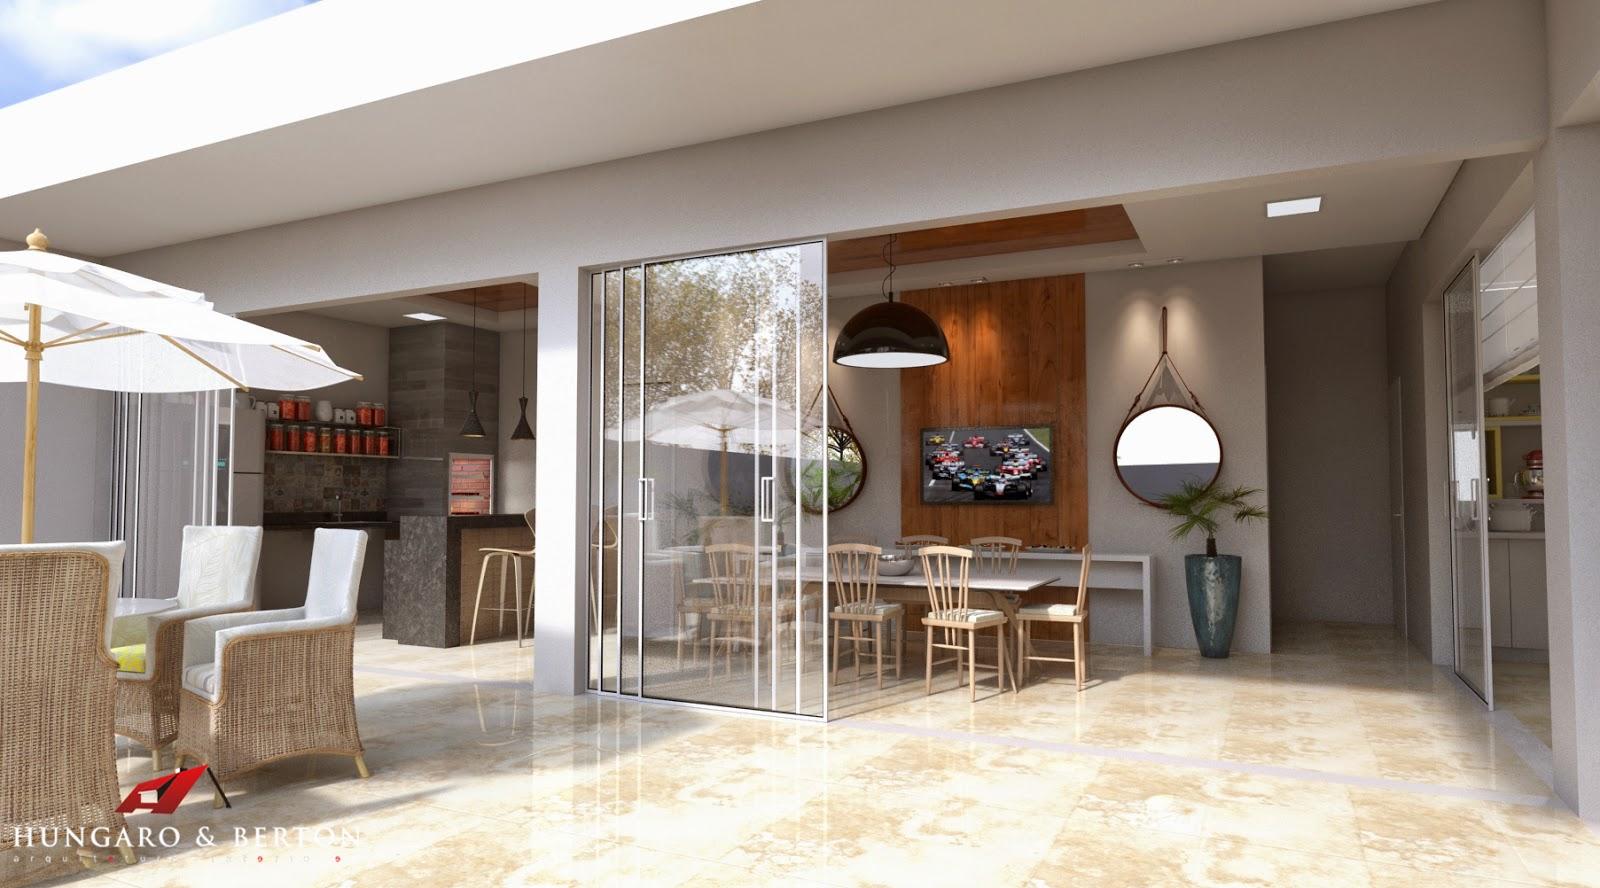 Arquitetura e Interiores: Abril 2015 #A15D2A 1600 888